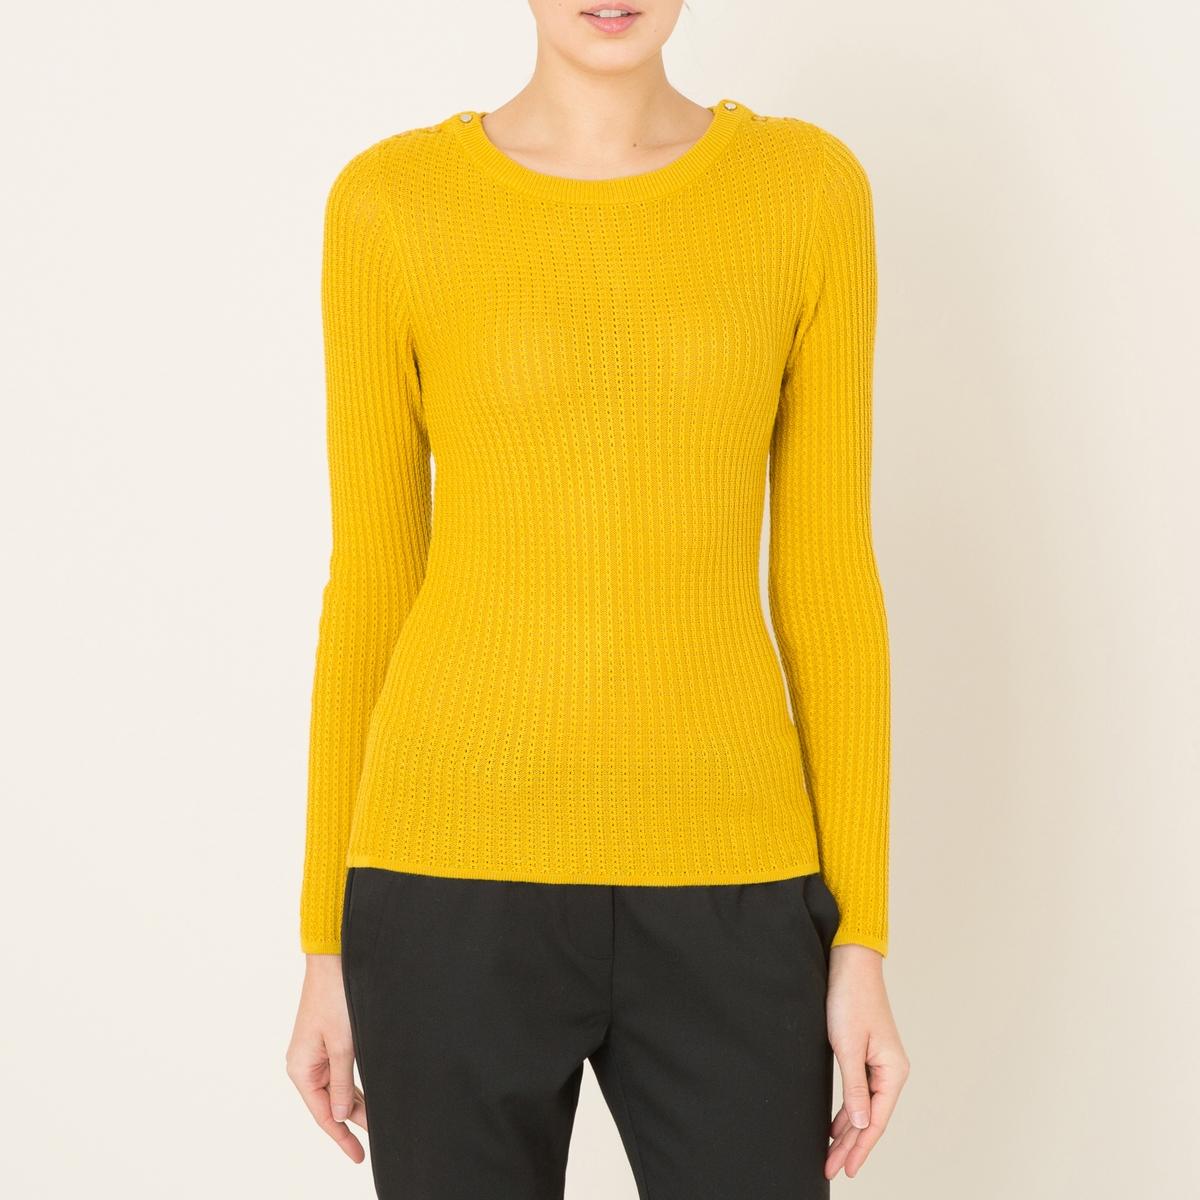 Пуловер с вырезом-лодочка FORAKER блуза с вырезом лодочка class cavalli блуза с вырезом лодочка